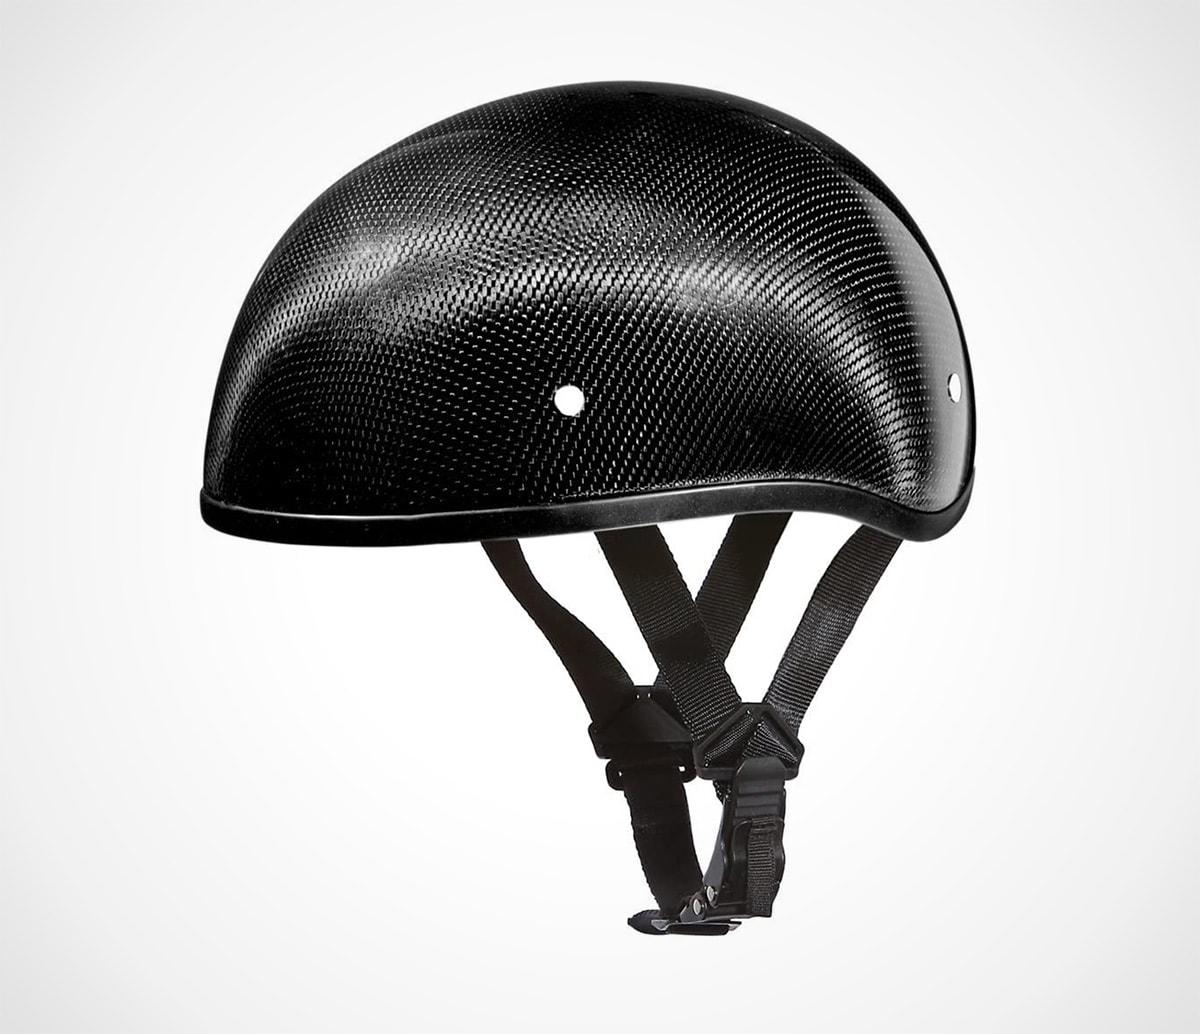 Carbon Fiber Daytona Half Helmet Skull Cap- DOT Approved